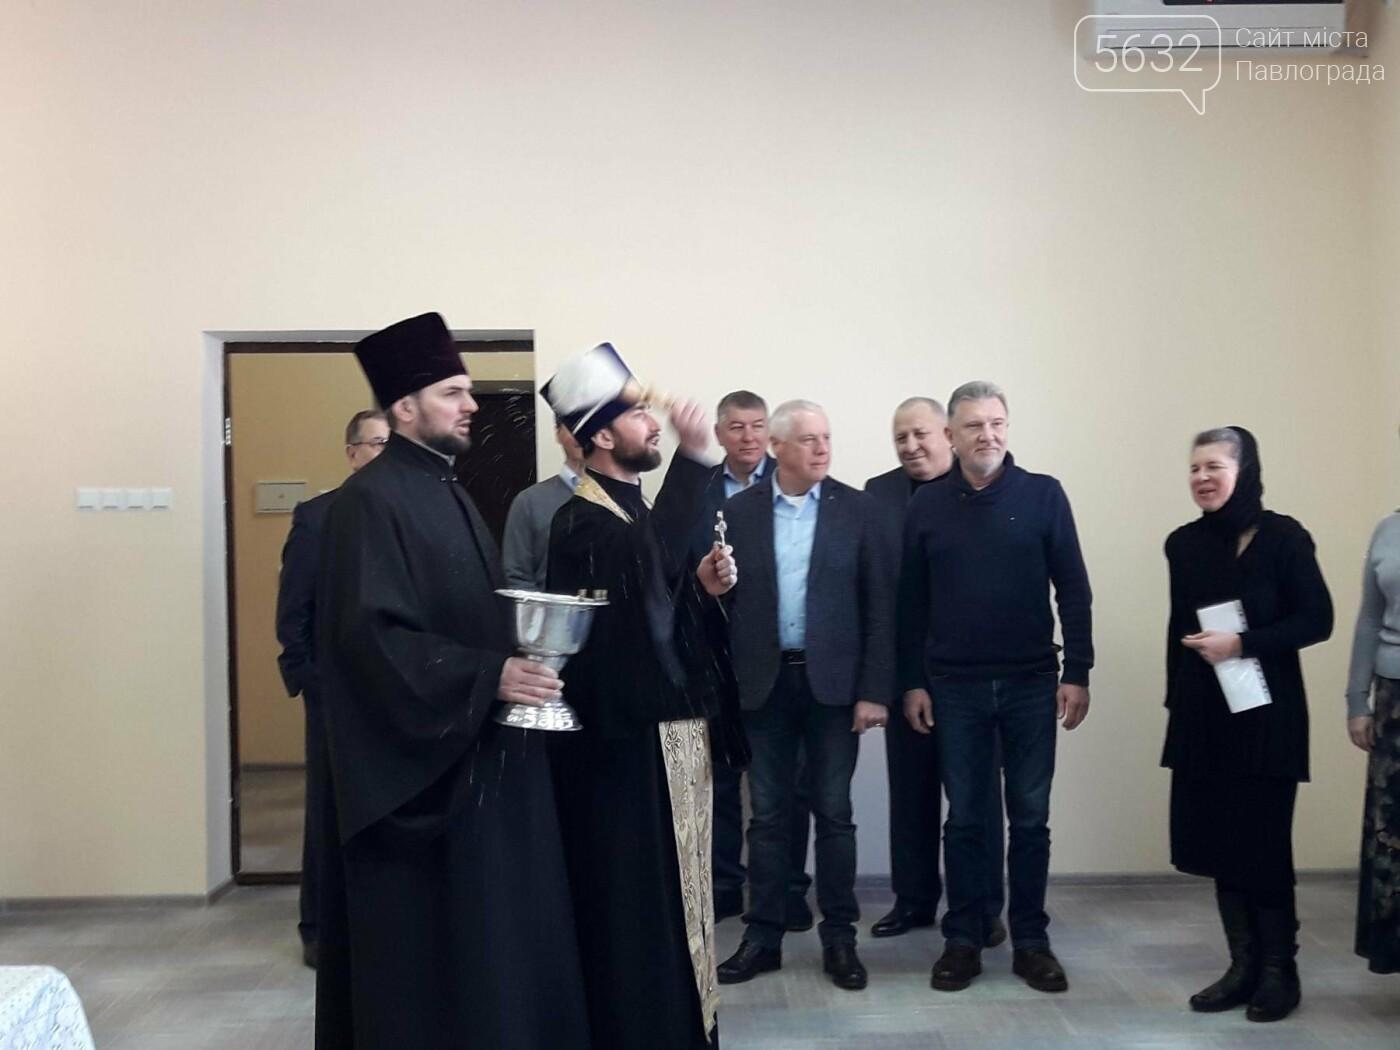 В Павлограде завершился первый этап реконструкции здания Духовно-исторического центра, фото-8